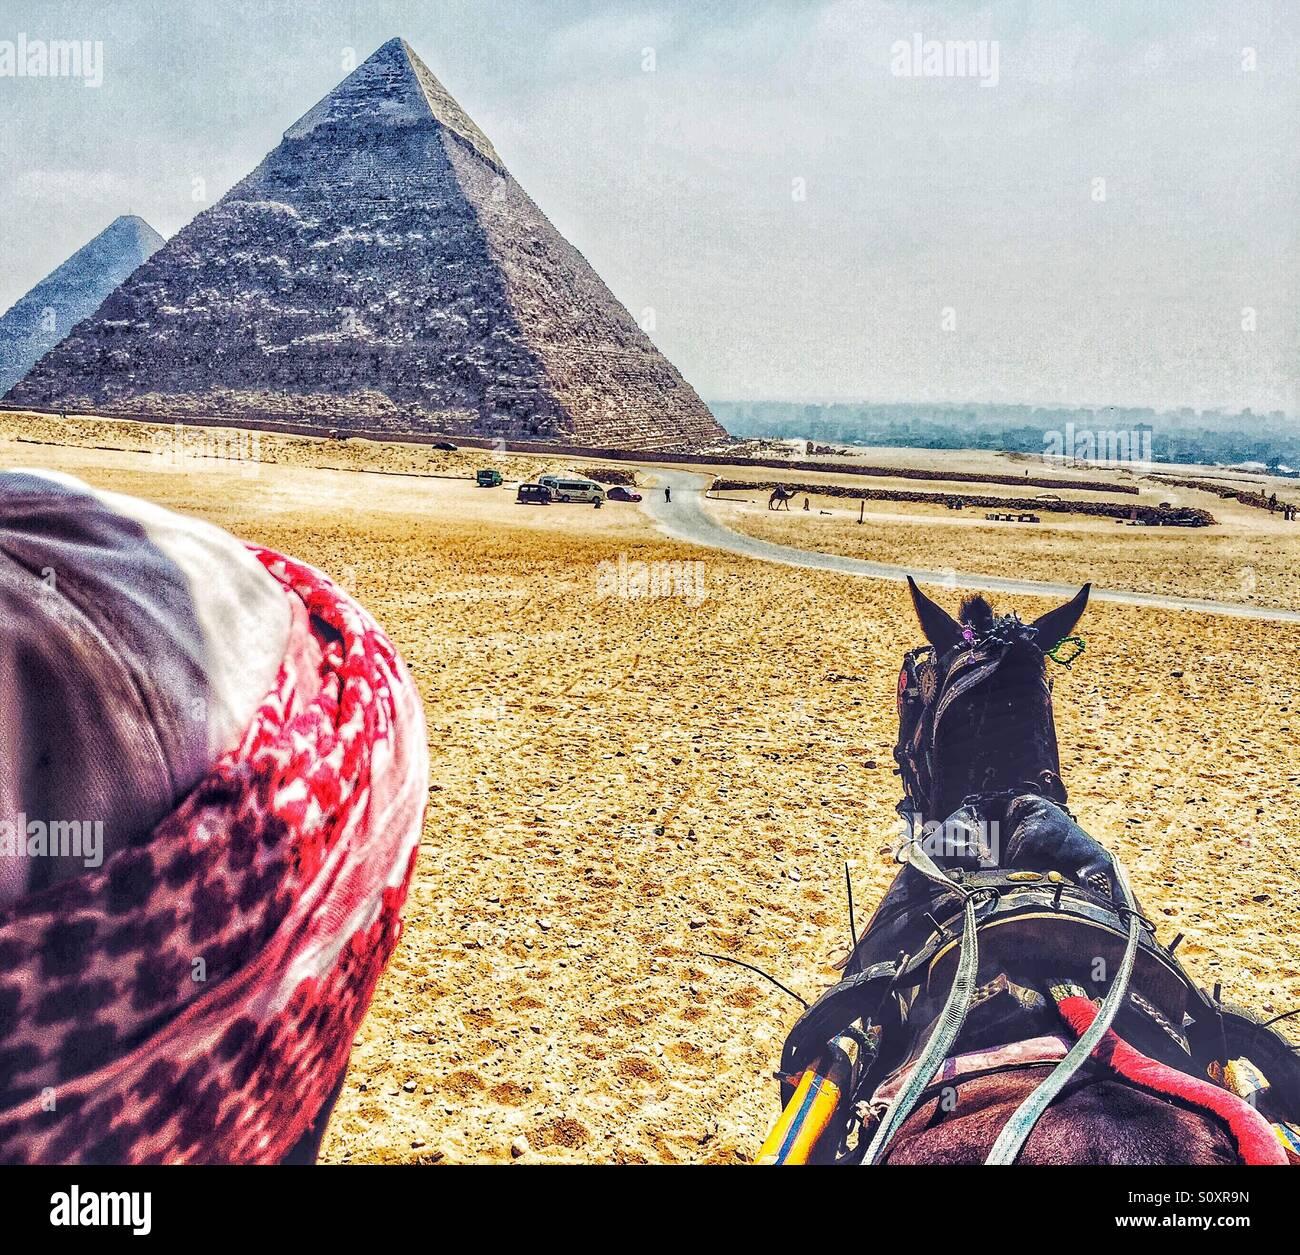 Hombre conduce un carruaje en las Pirámides de Egipto Imagen De Stock